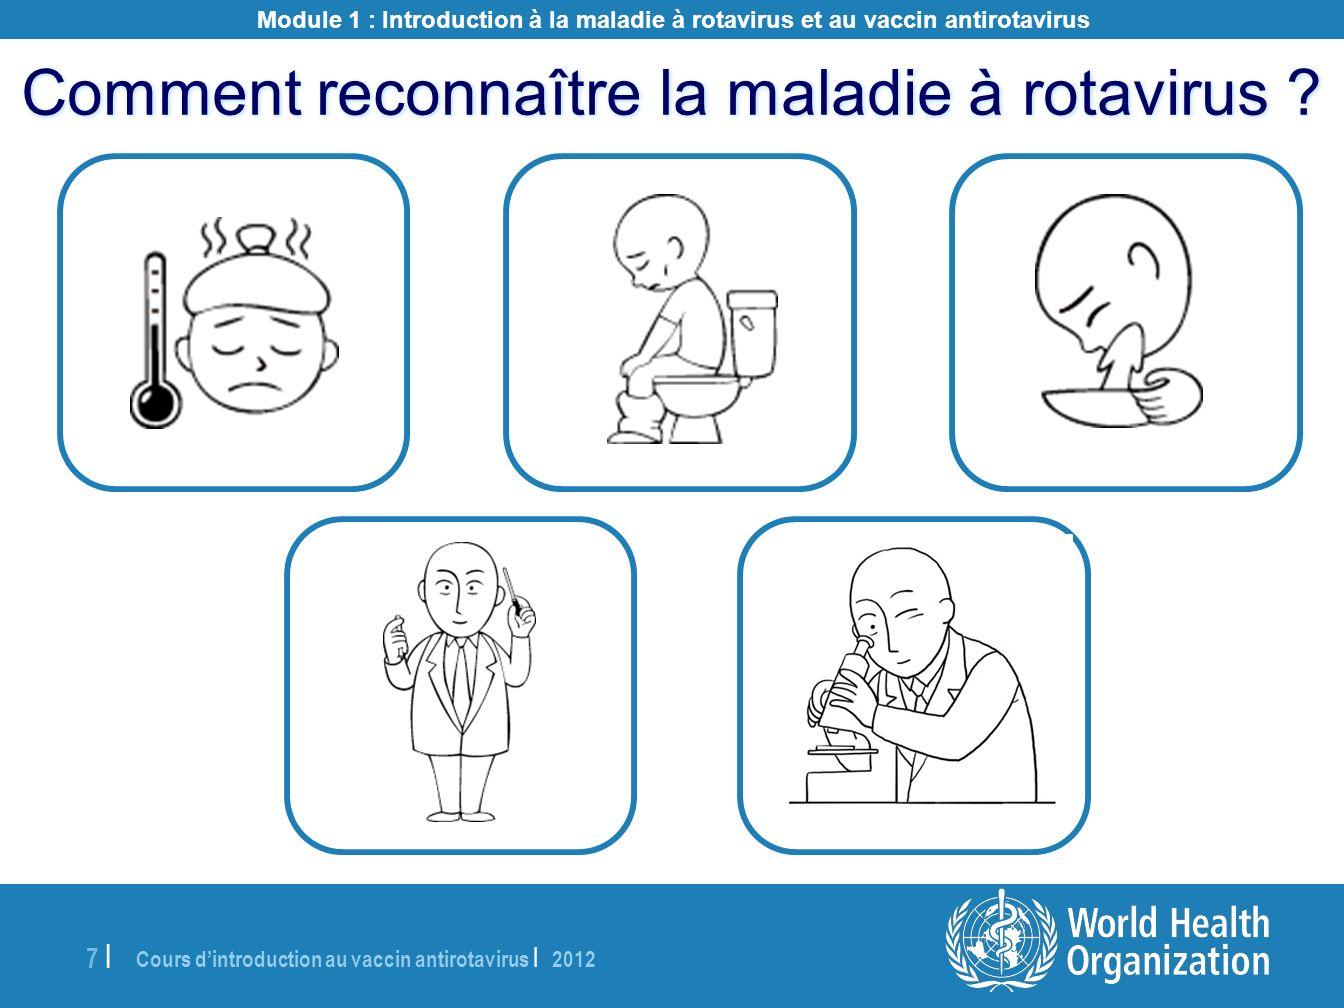 Cours dintroduction au vaccin antirotavirus | 2012 7 |7 | Comment reconnaître la maladie à rotavirus ? Module 1 : Introduction à la maladie à rotaviru